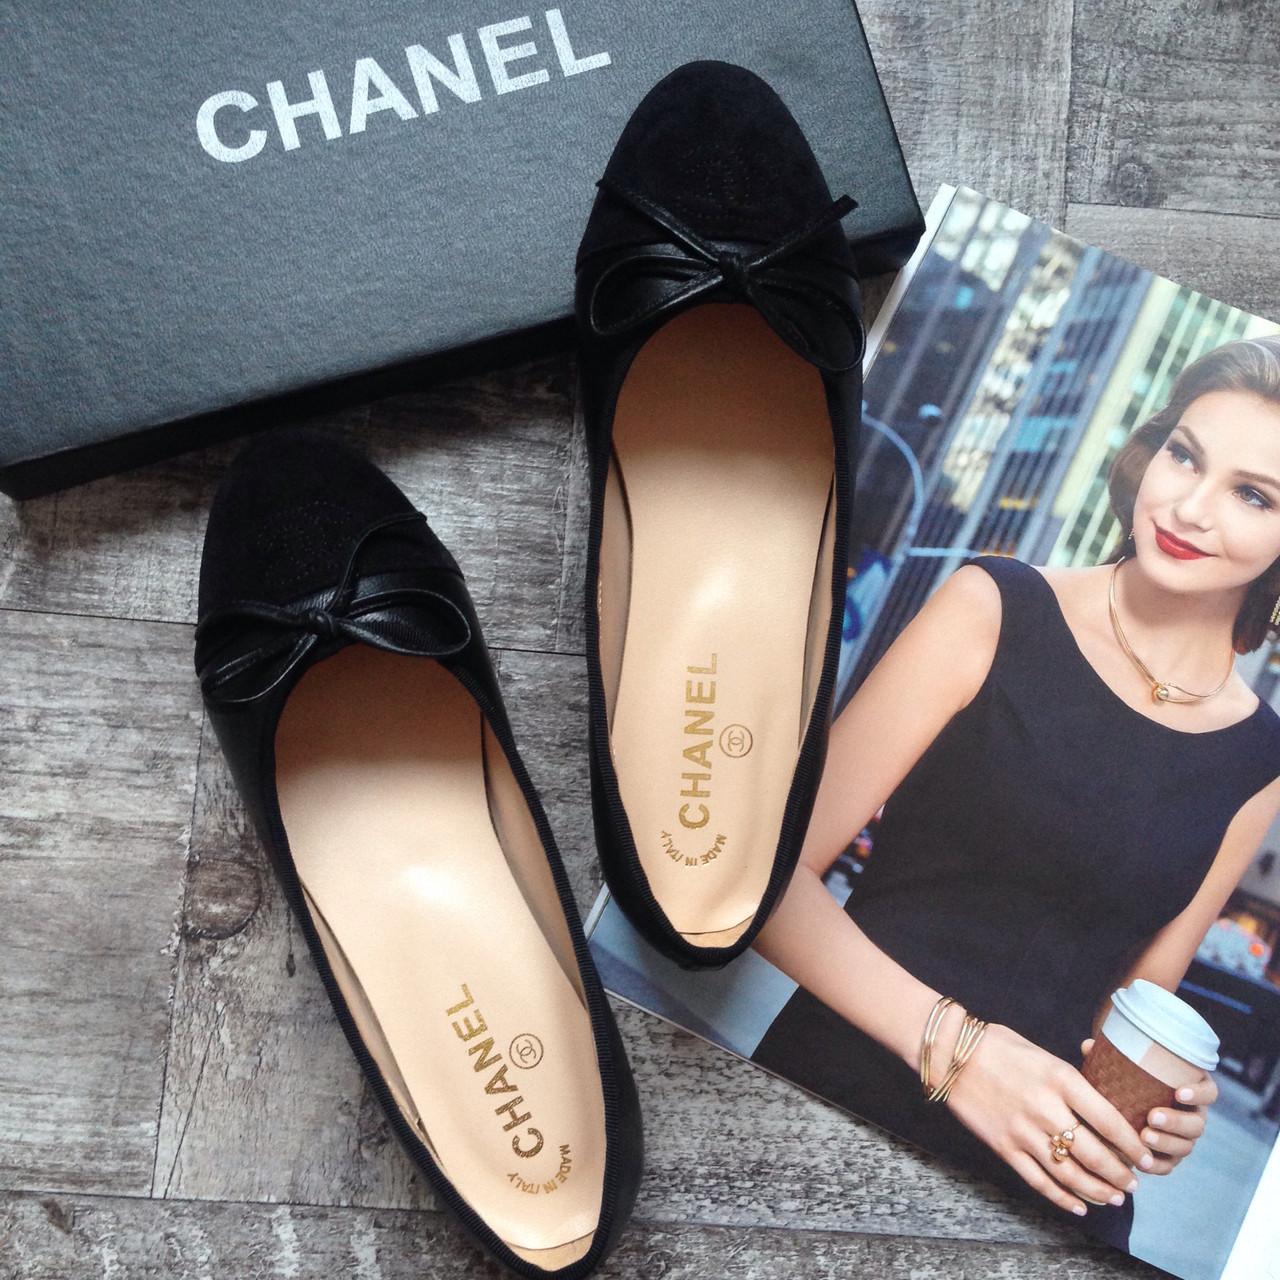 fad9455d8edf Балетки Chanel кожаные женские мокасины Шанель - butic case в Киеве